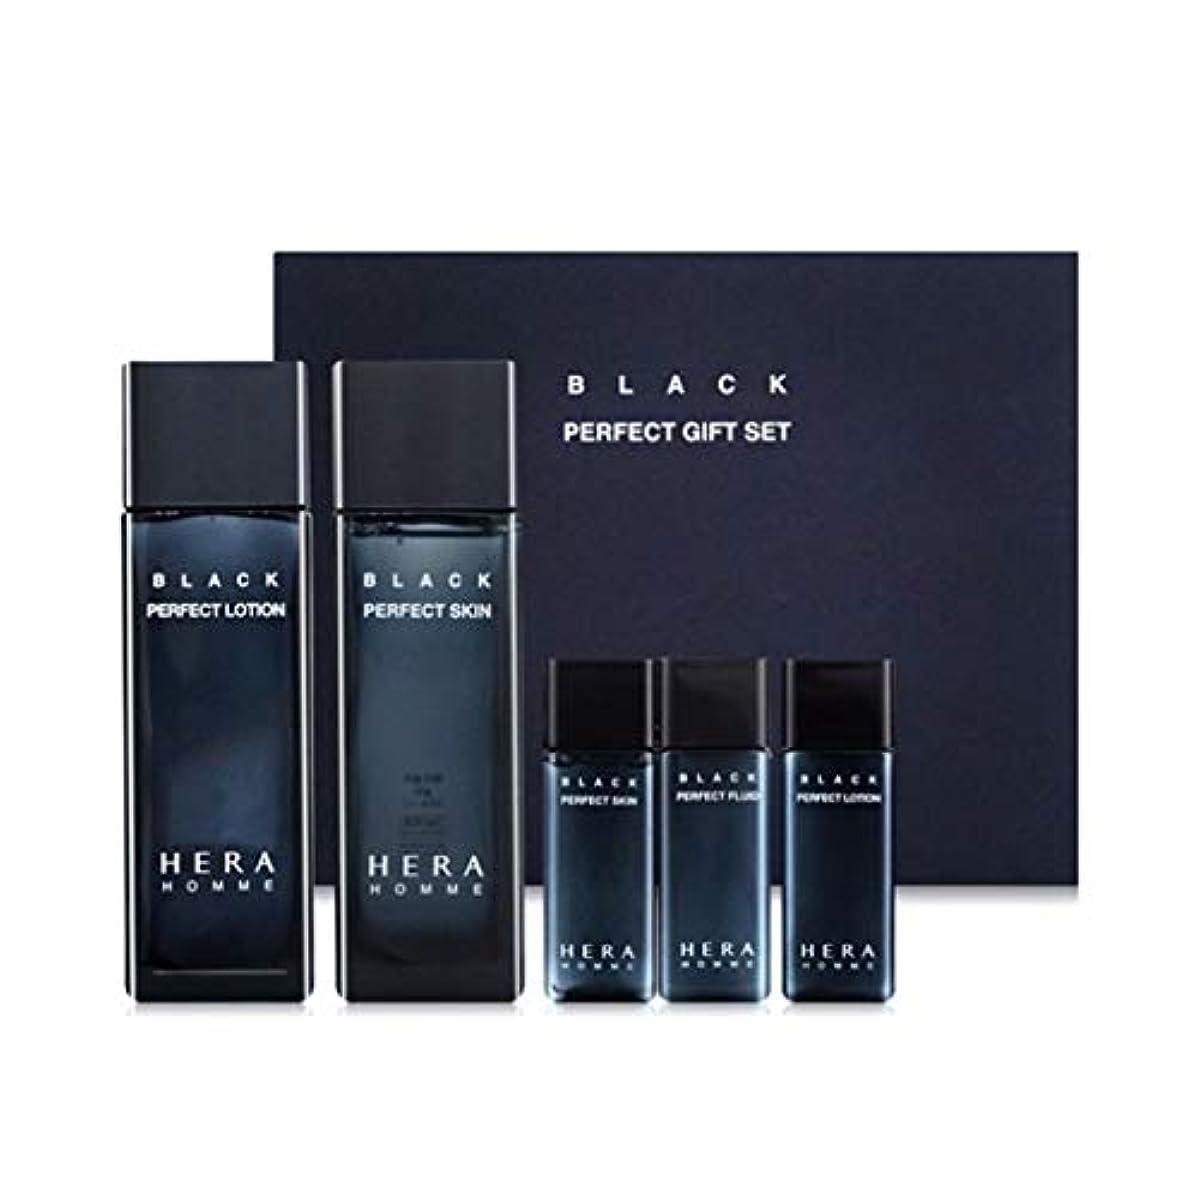 音含意基本的なヘラオムブラックパーフェクトスキンローションセットメンズコスメ韓国コスメ、Hera Homme Black Perfect Skin Lotion Set Men's Cosmetics Korean Cosmetics...